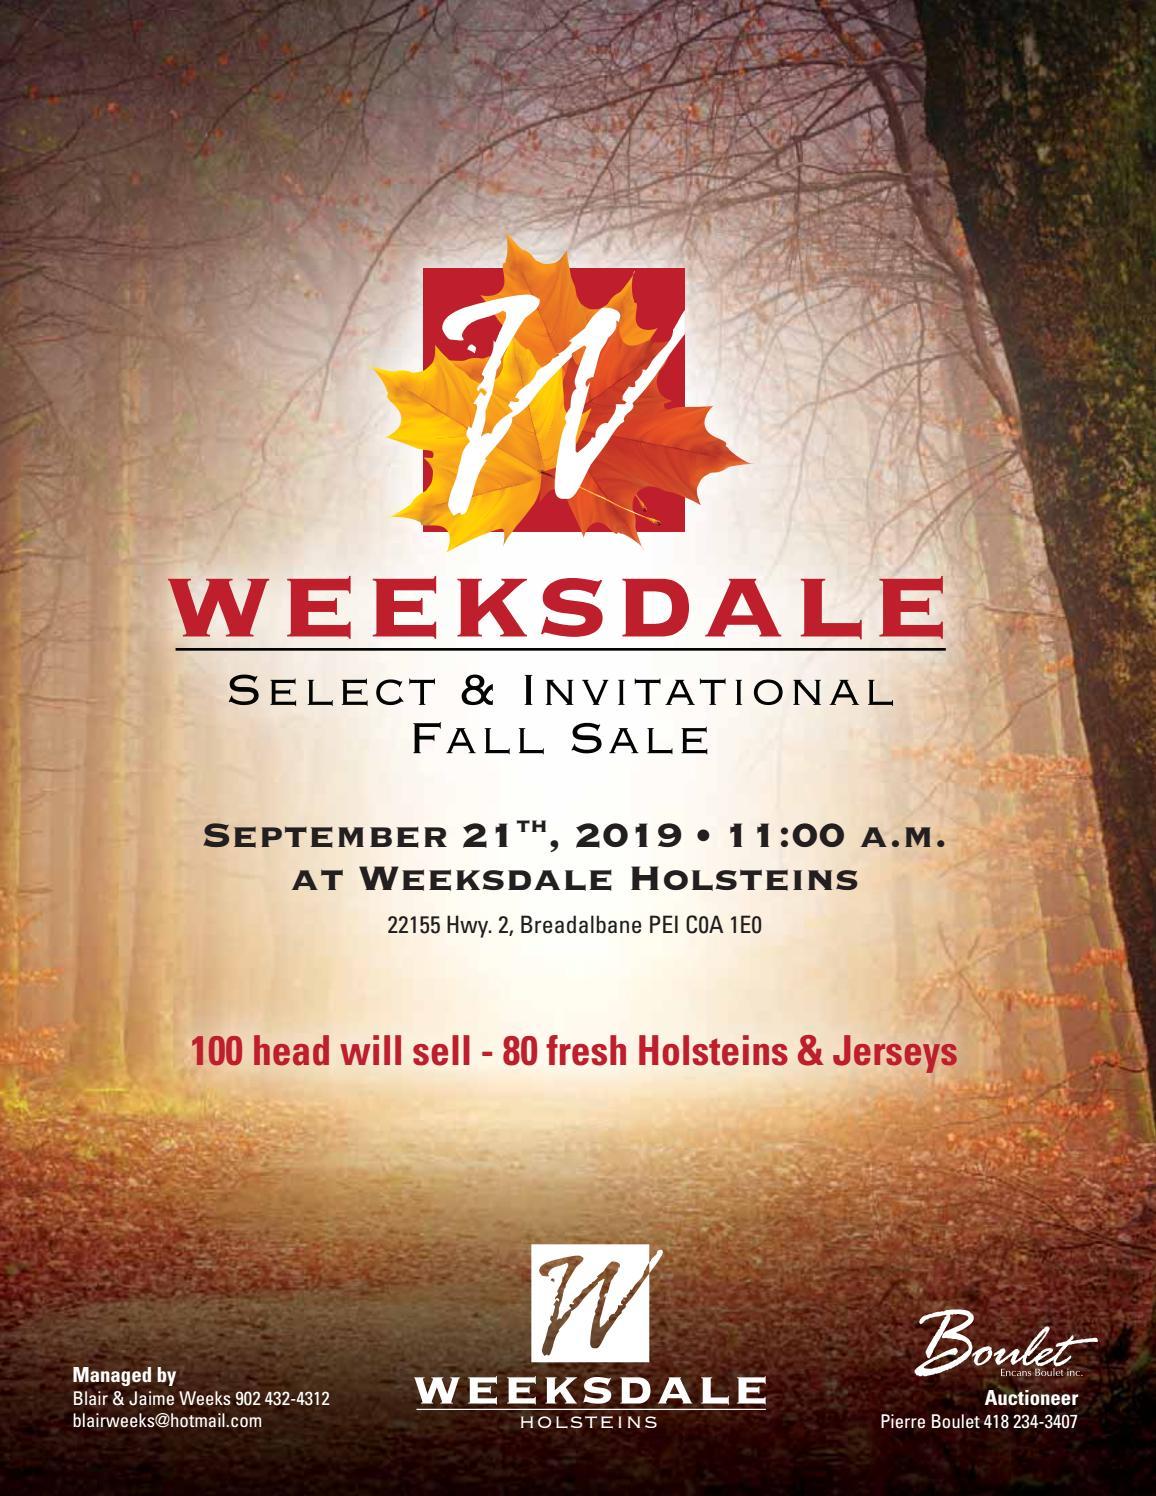 Weeksdale Select Invitational Fall Sale 2019 By Cowsmopolitan Issuu